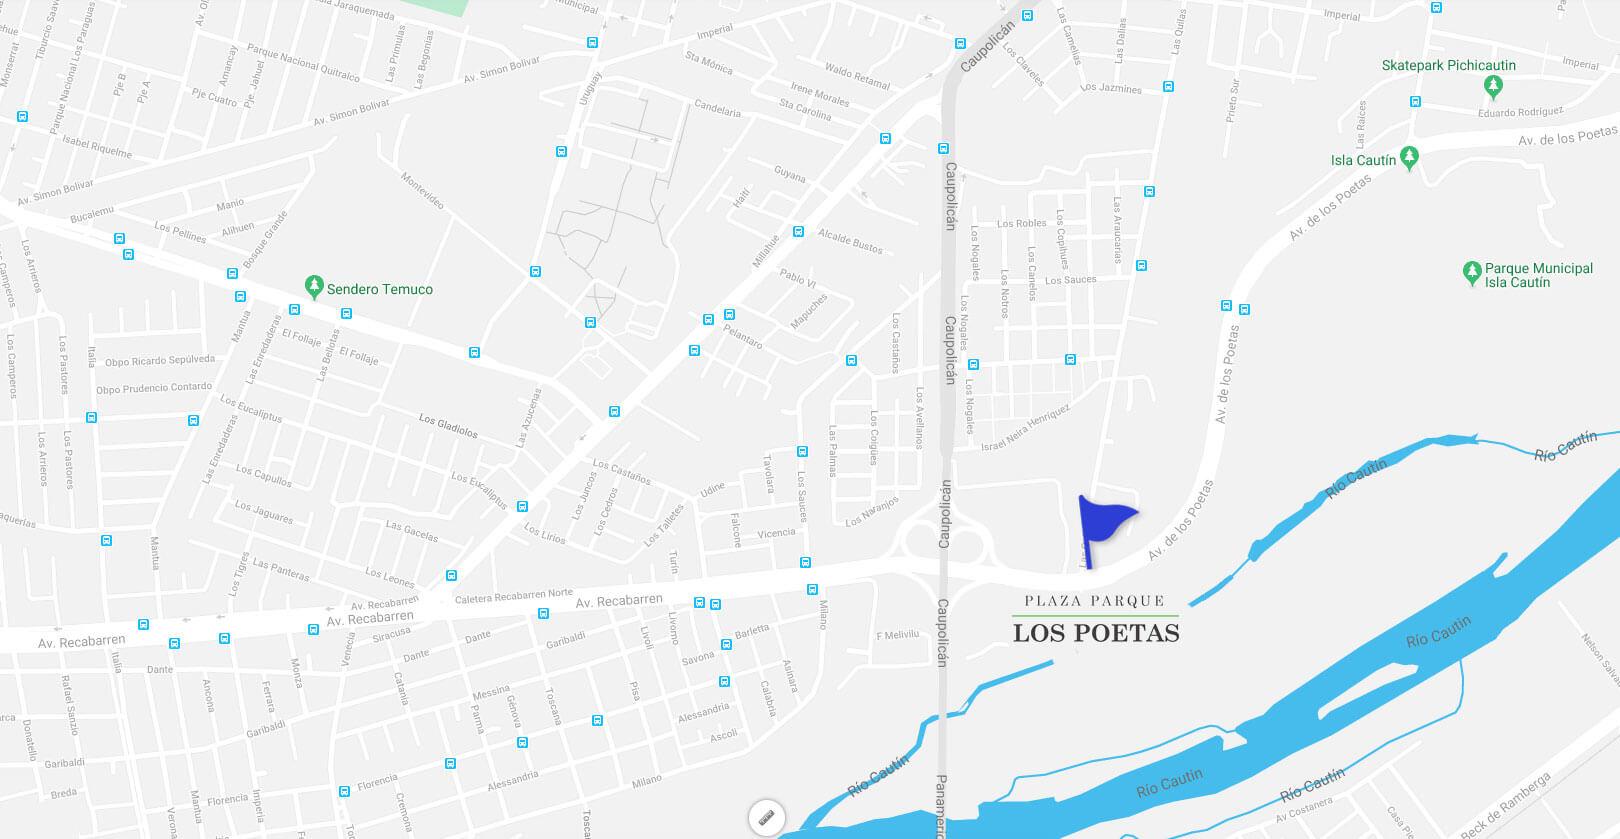 Plaza Parque los Poetas-Mapa